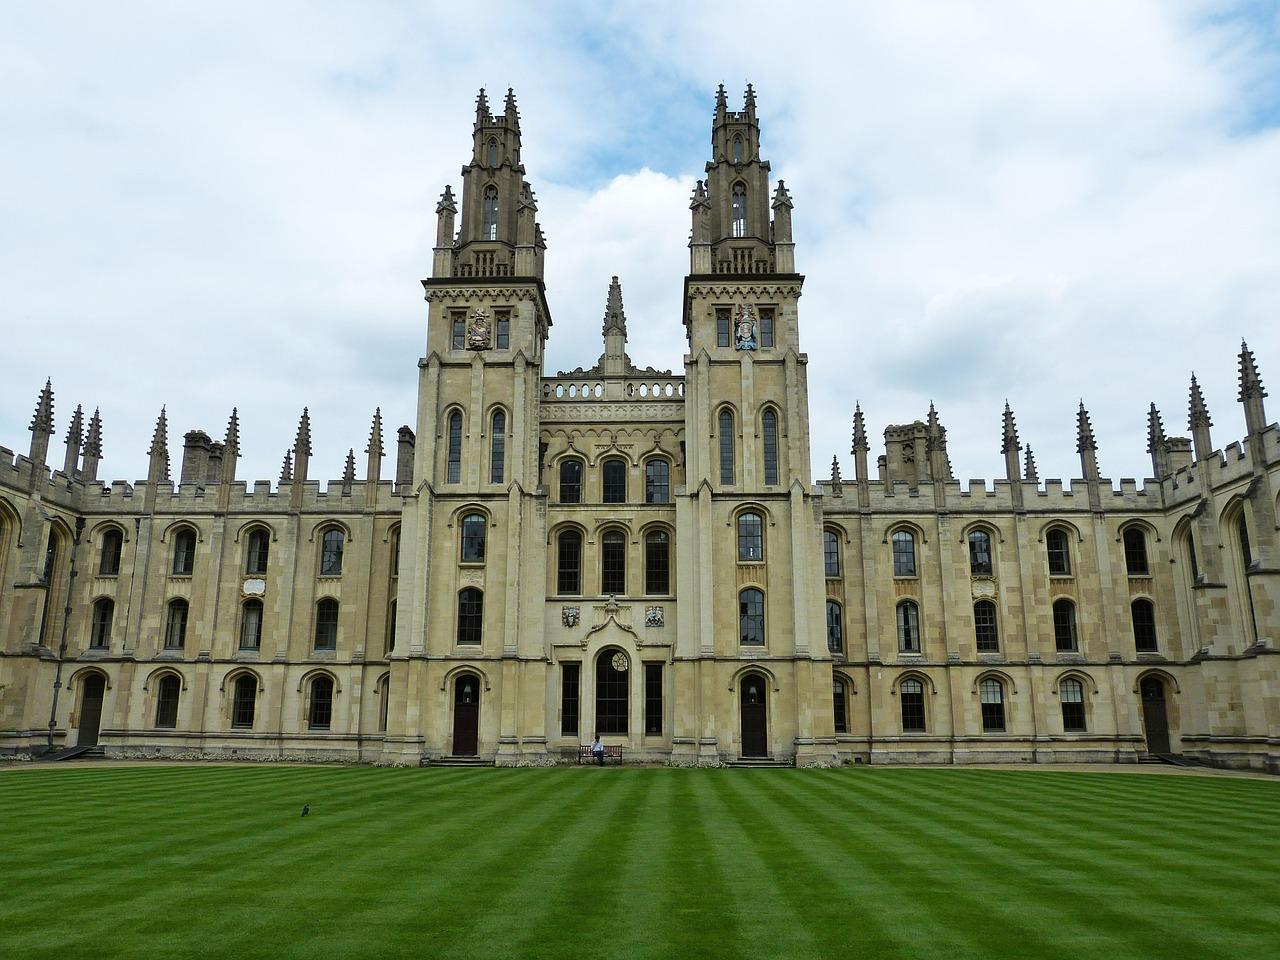 arhitectura veche Oxford